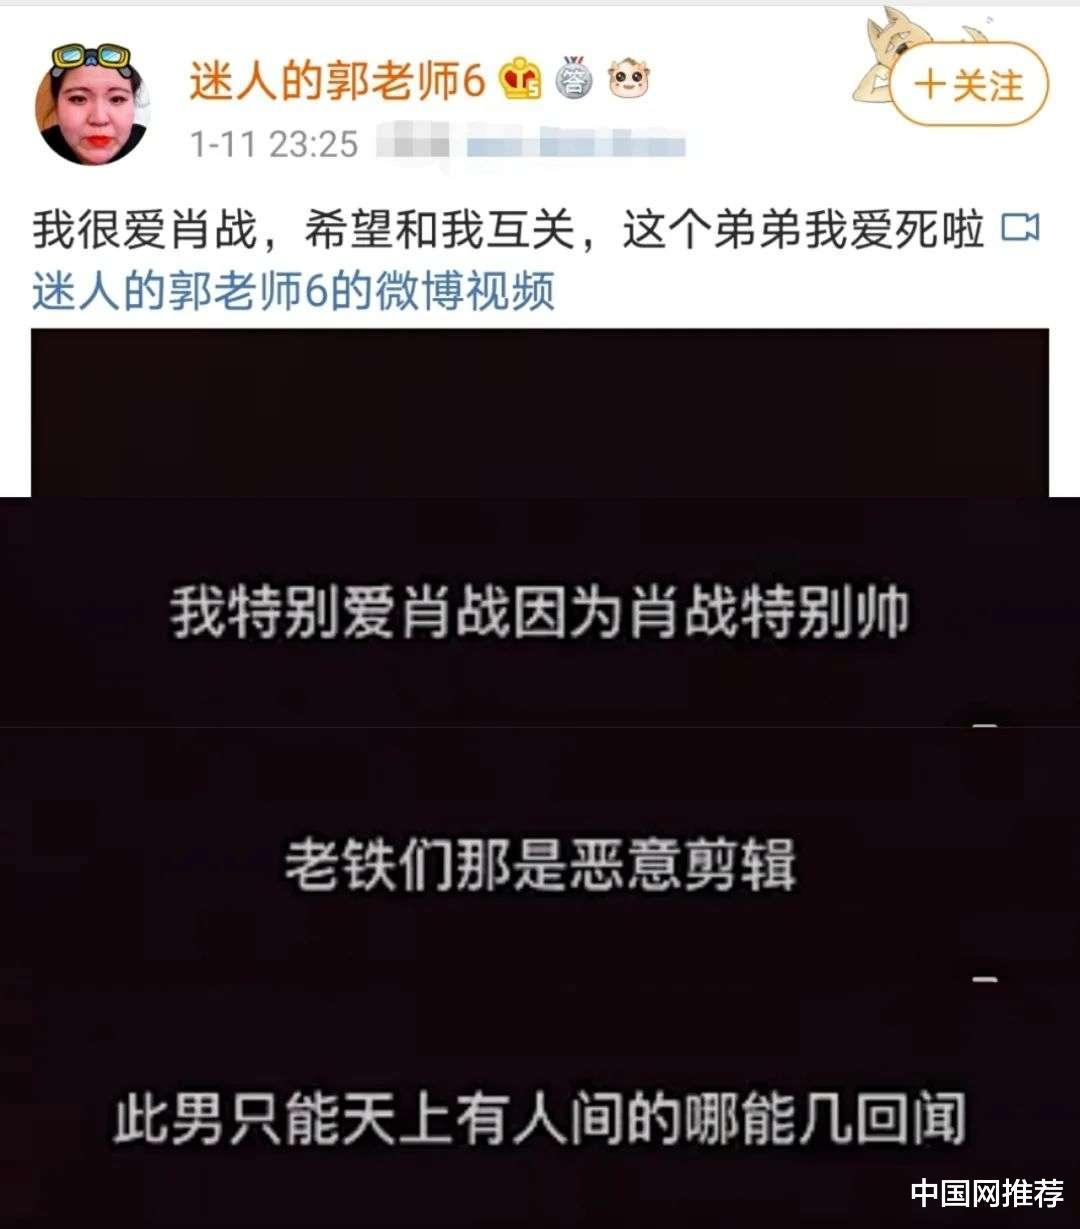 網紅郭老師因評論肖戰上熱搜, 稱王俊凱長得一般, 隨後迅速道歉-圖4